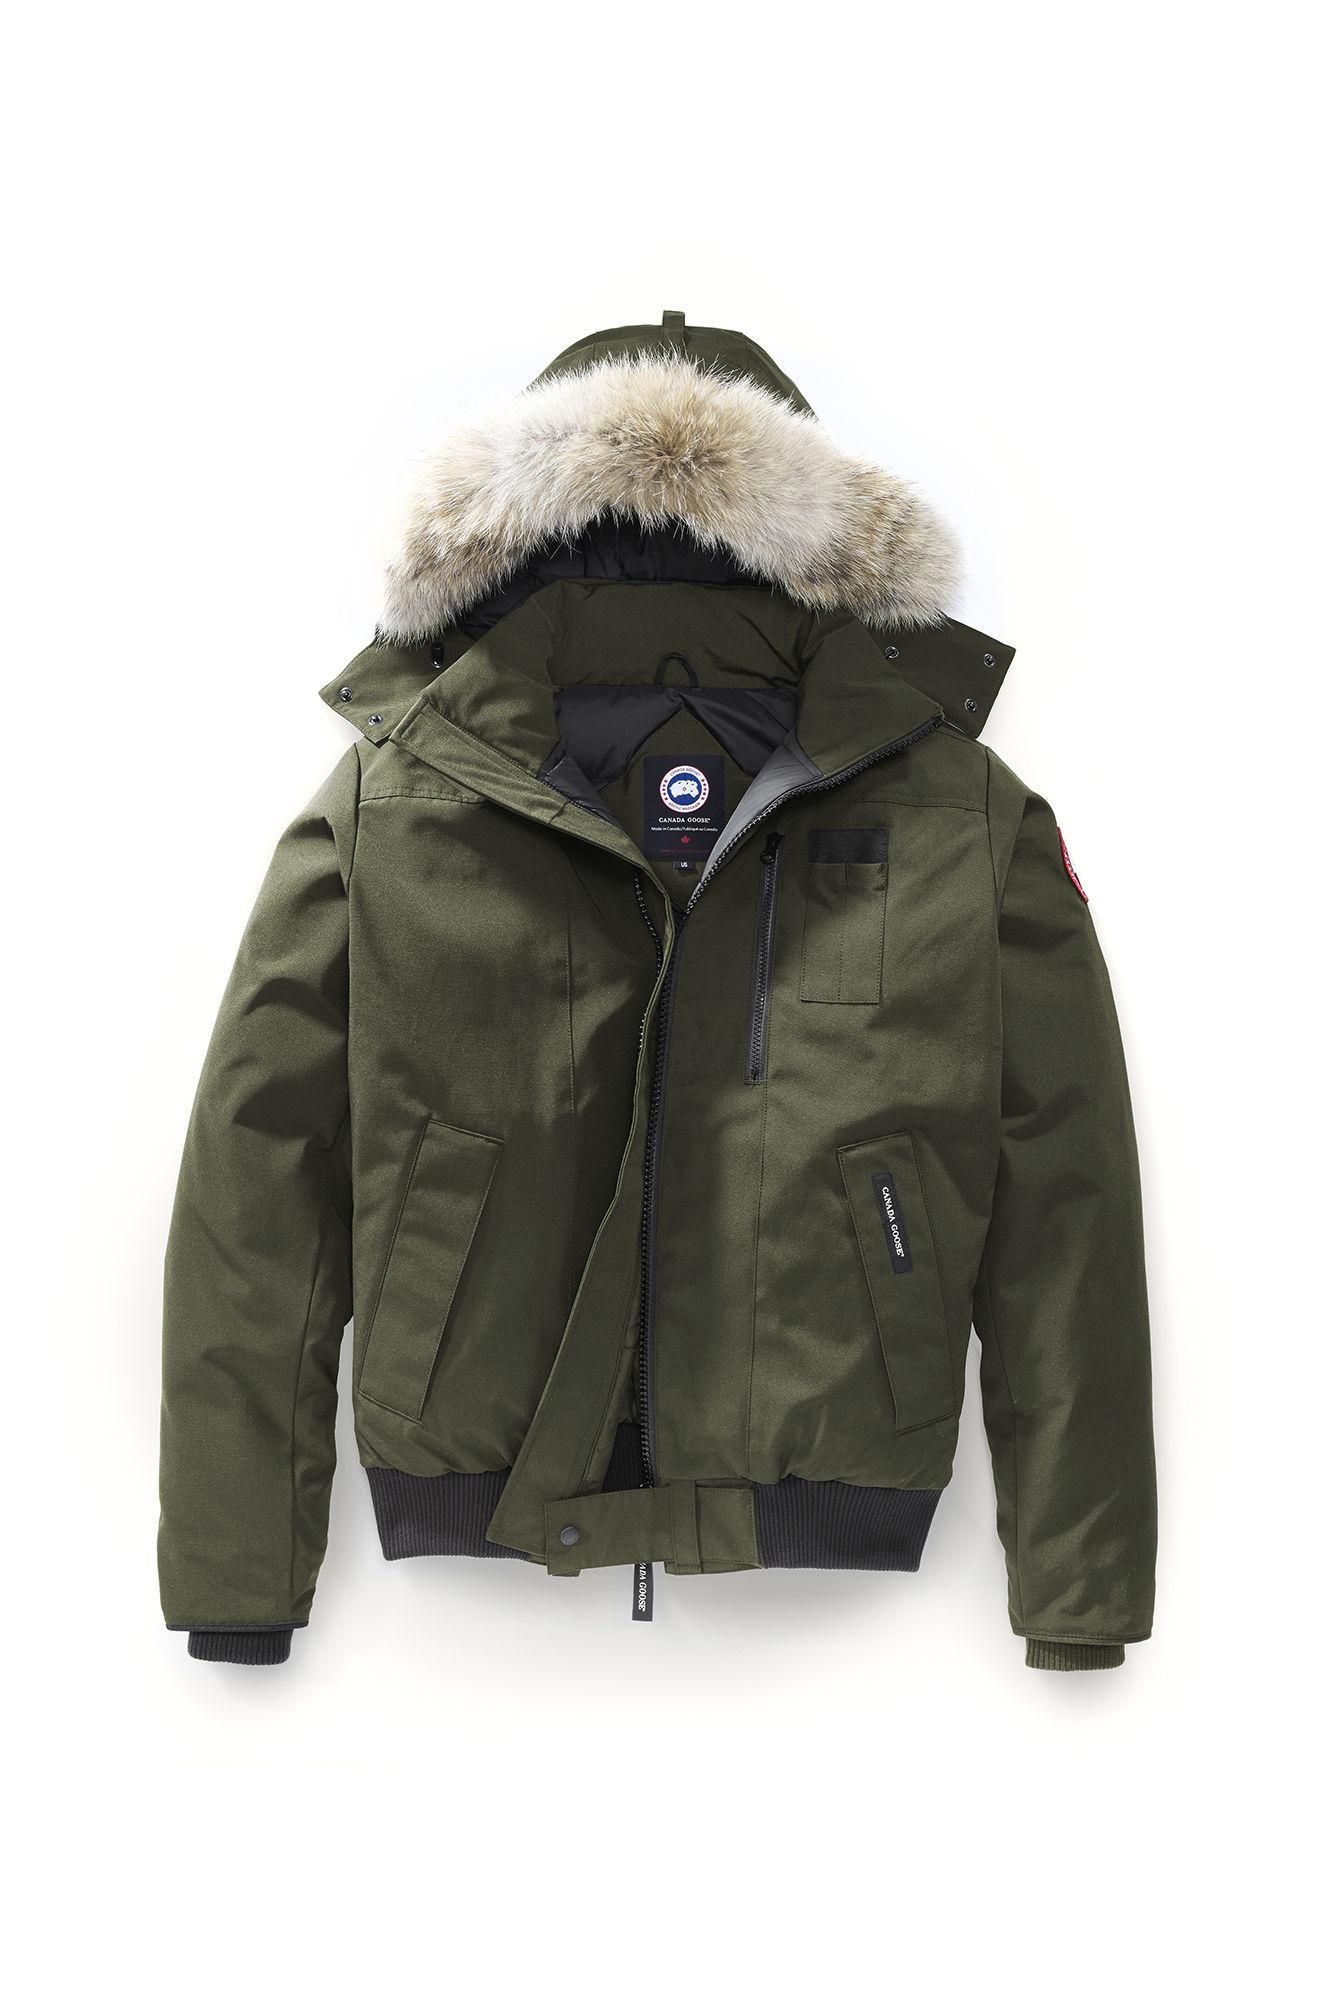 MEN'S BORDEN BOMBER JACKET with coyote fur hood men Chilliwack coat 13